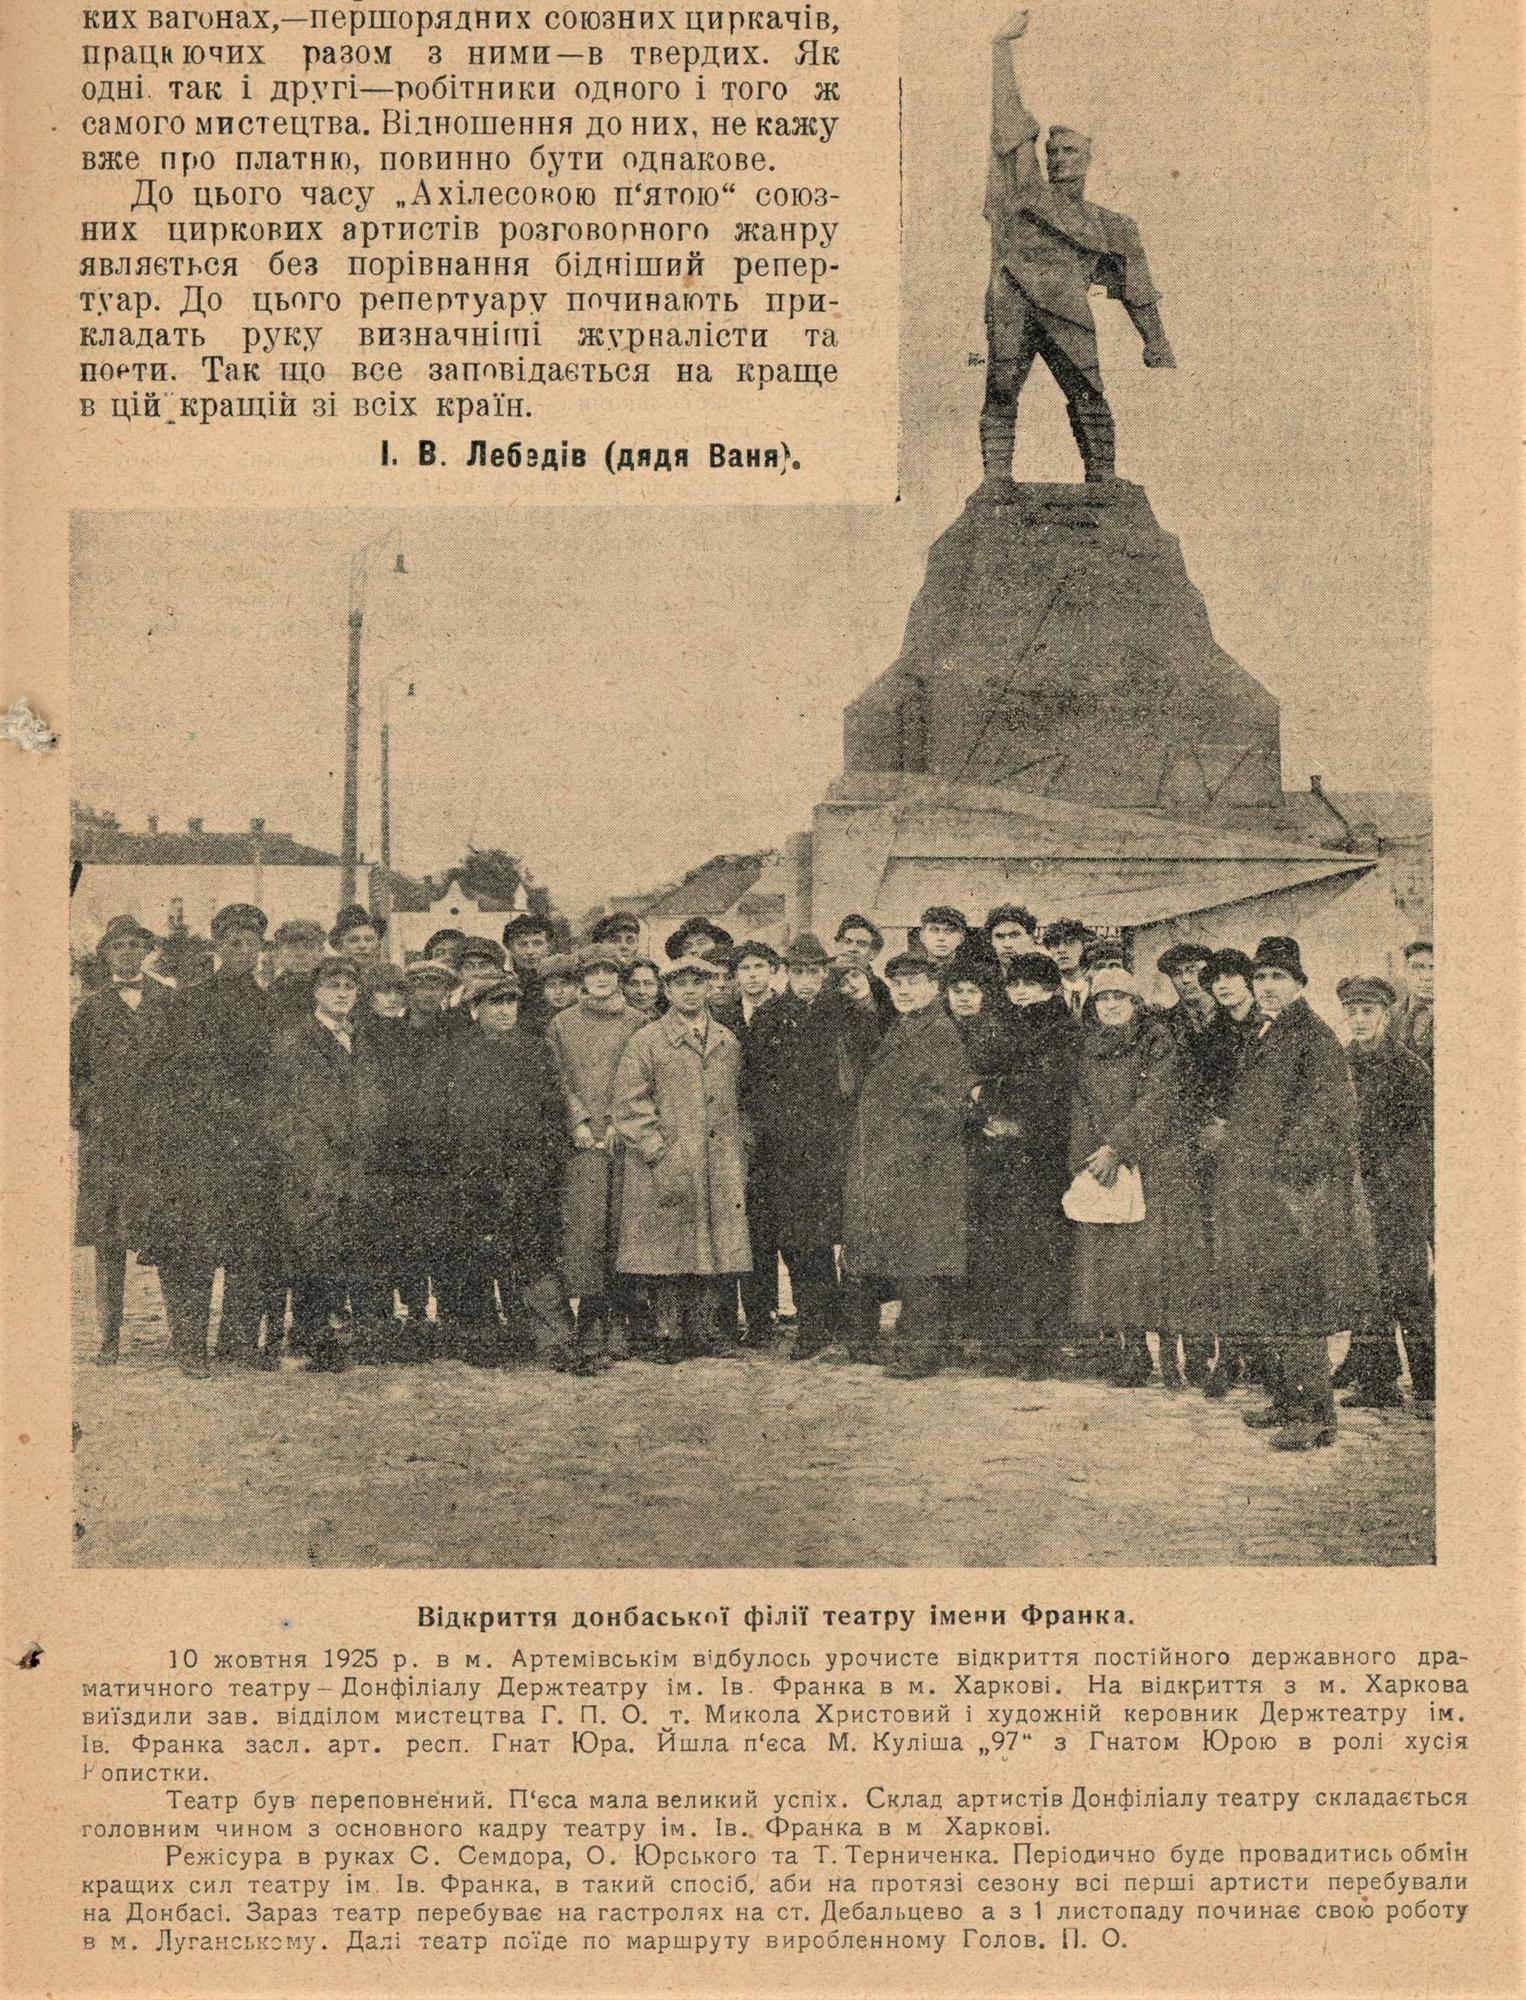 пам'ятник Артему Івана Кавалерідзе театральна труппа